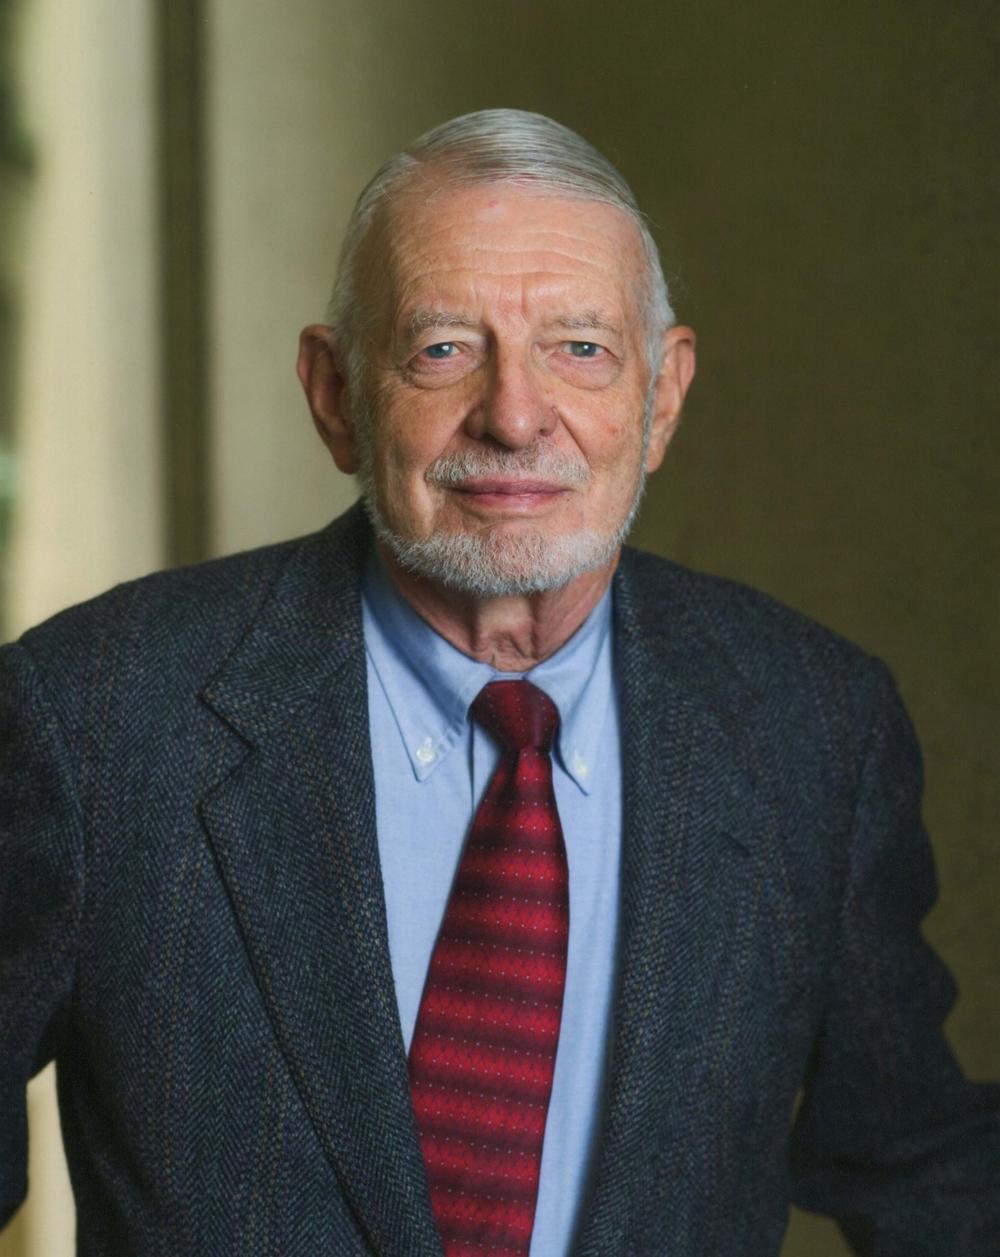 Daniel L. McFadden, PH.D.